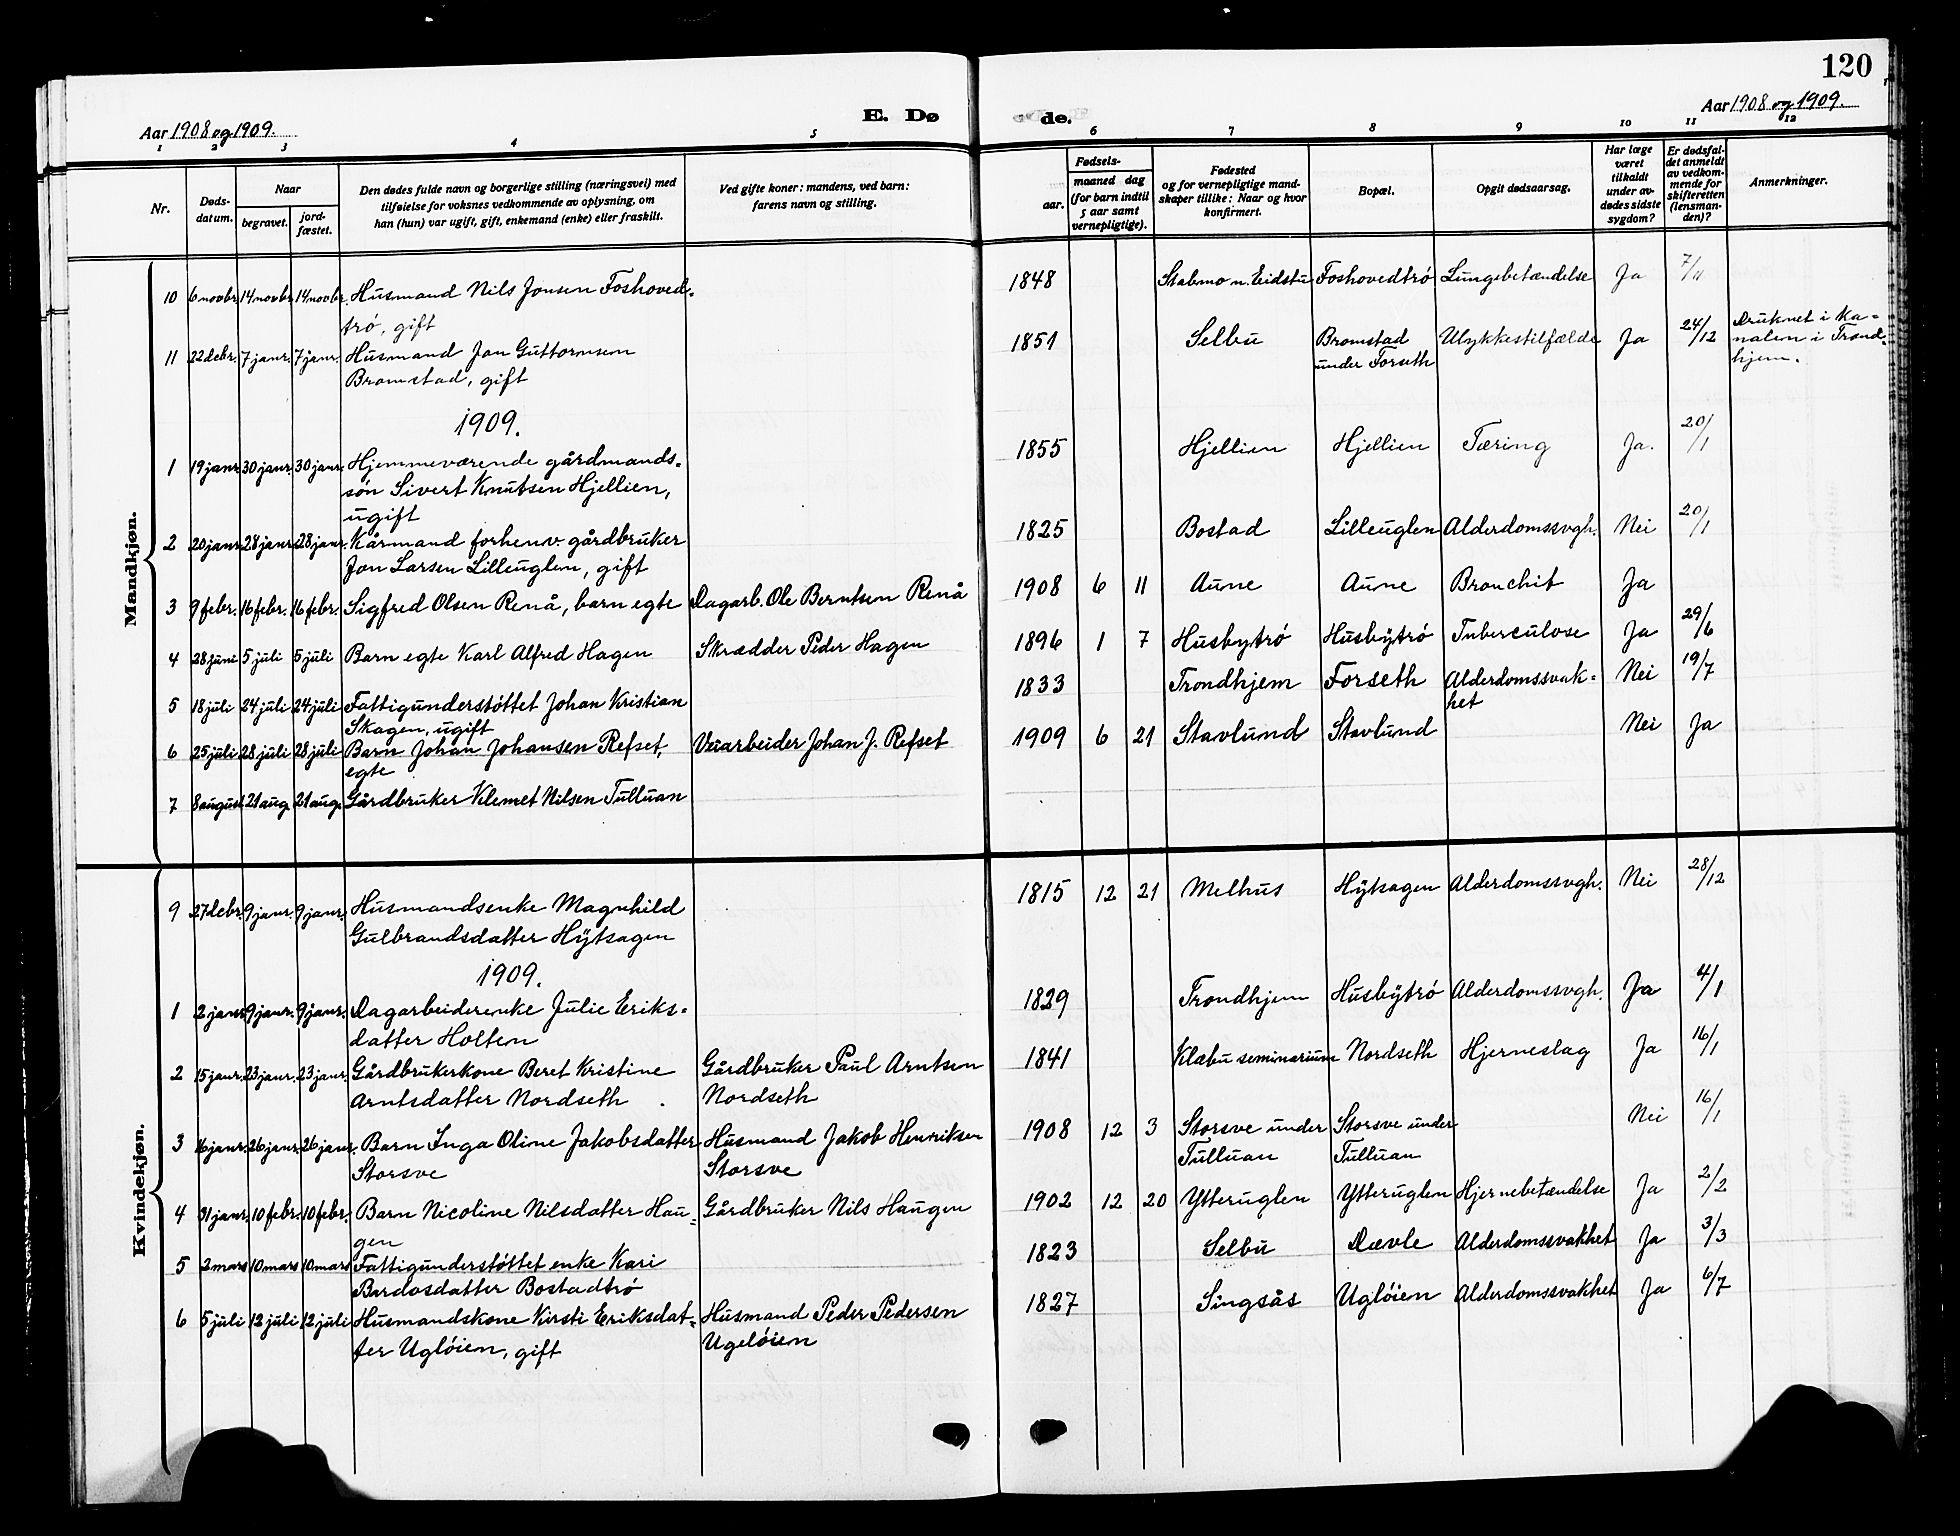 SAT, Ministerialprotokoller, klokkerbøker og fødselsregistre - Sør-Trøndelag, 618/L0453: Klokkerbok nr. 618C04, 1907-1925, s. 120